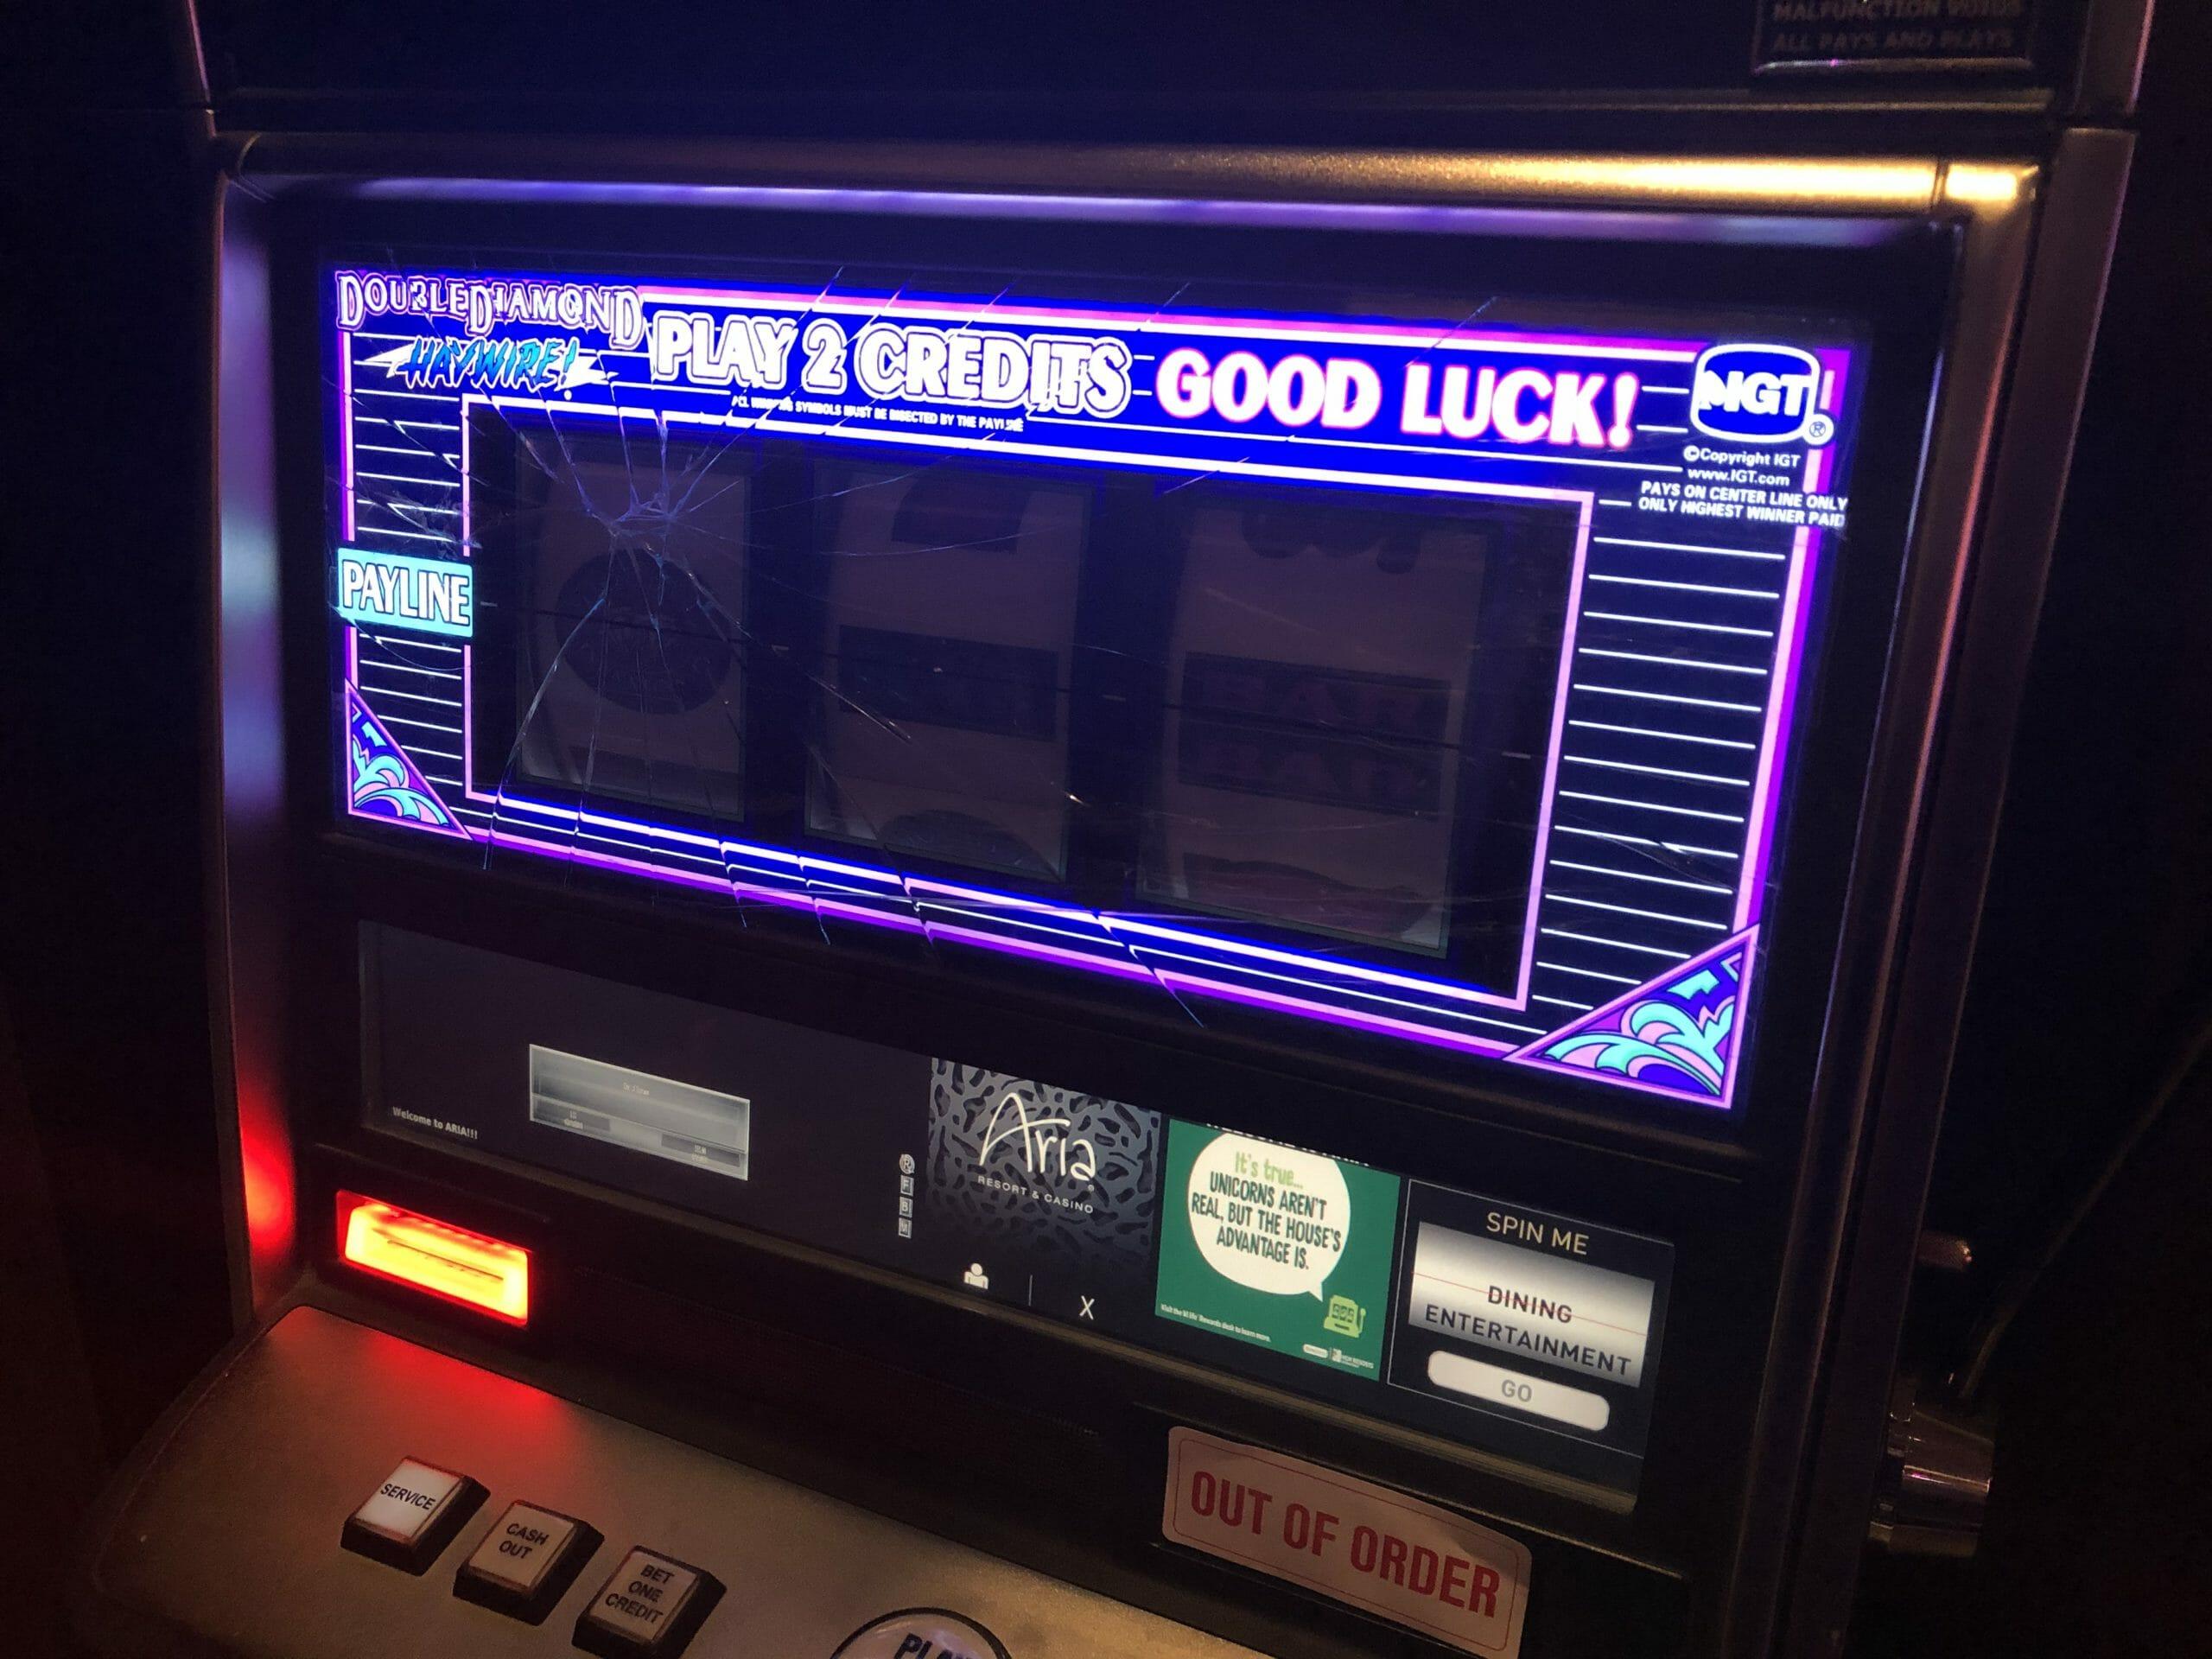 shut off slot machine